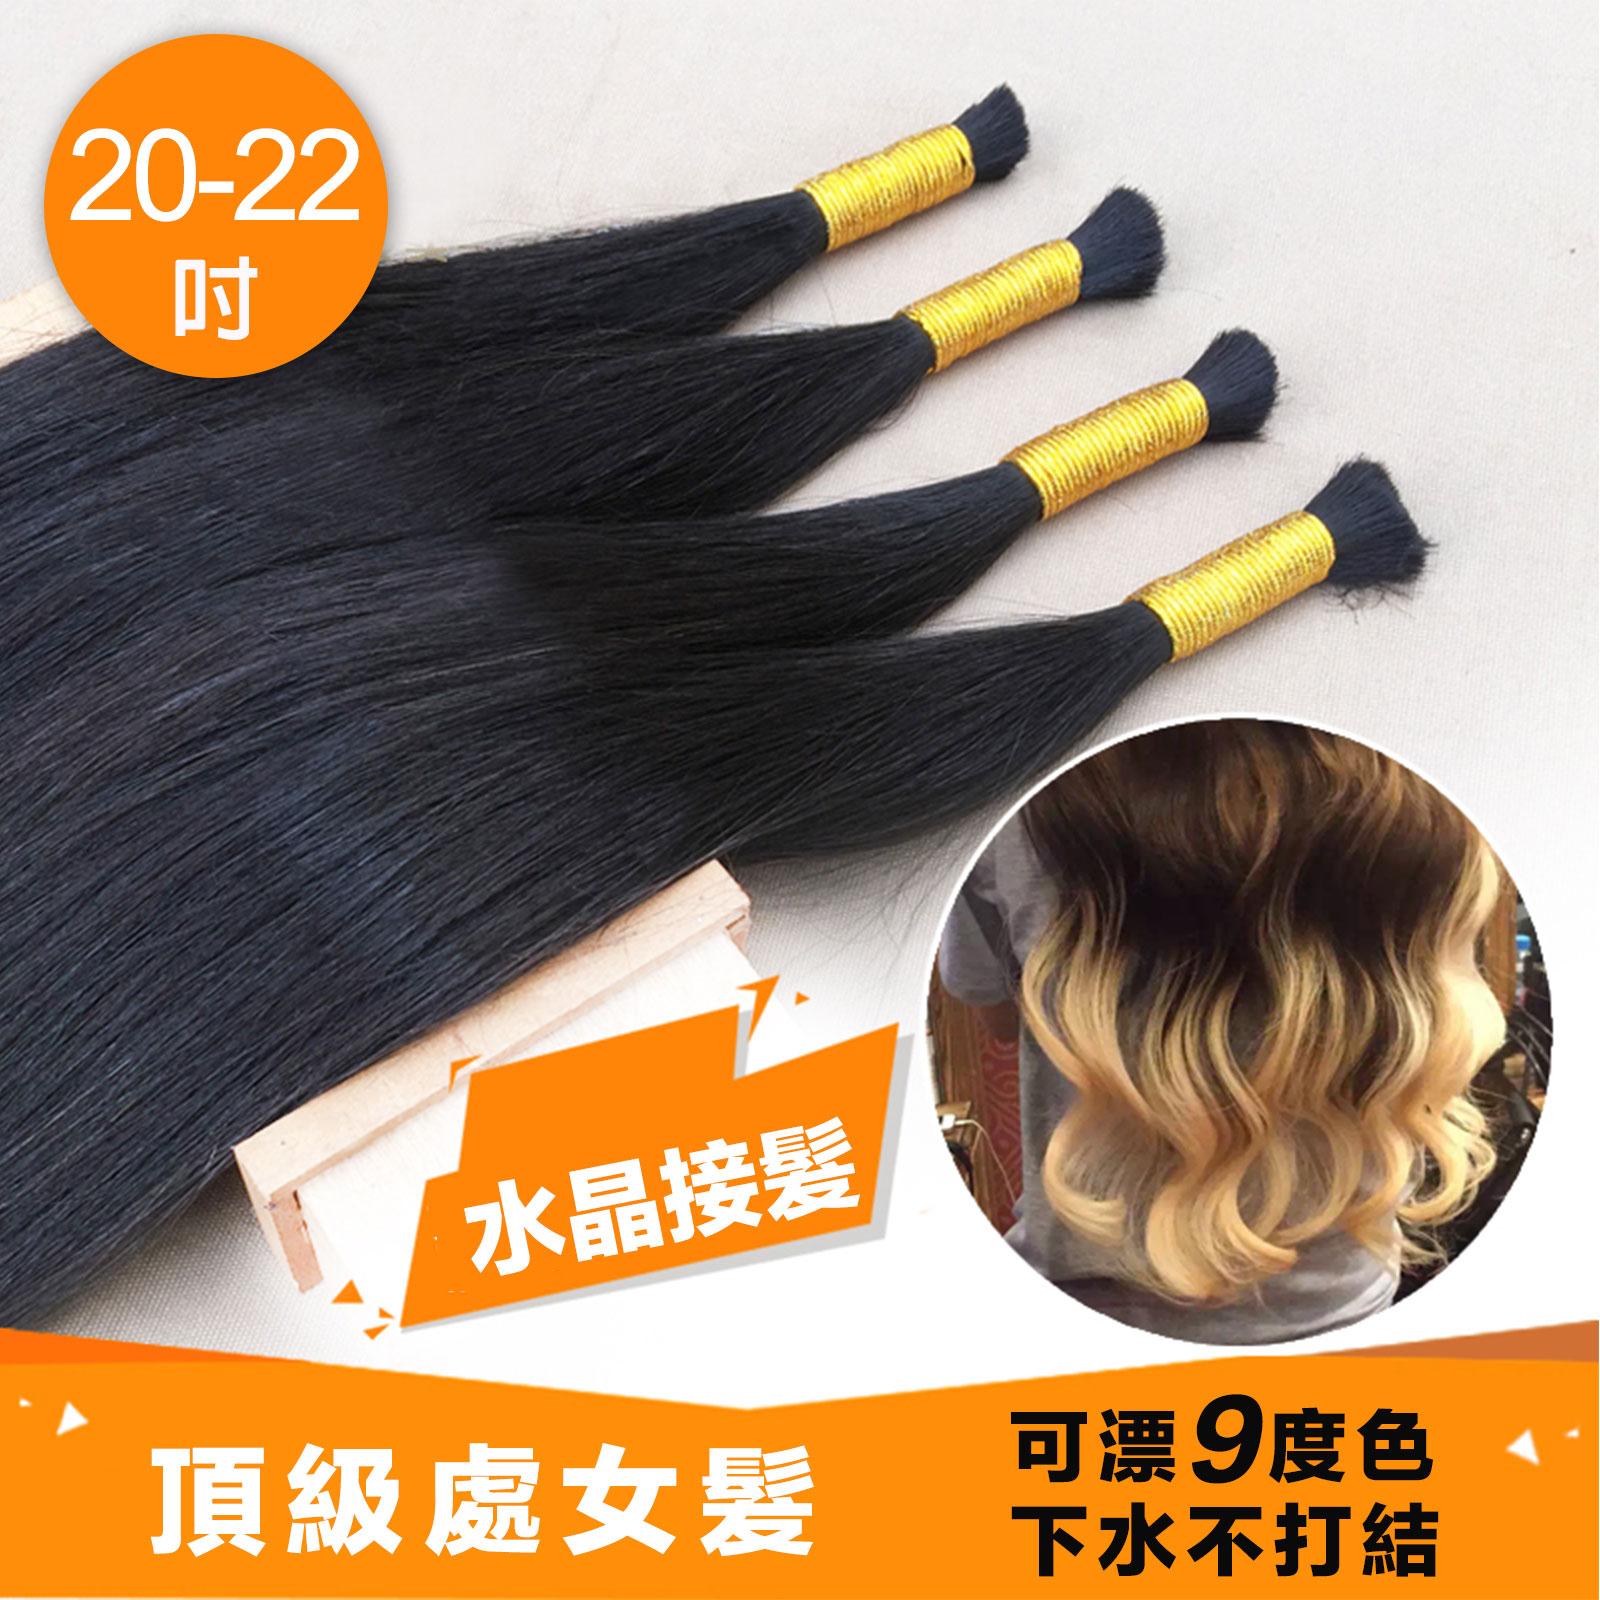 水晶接髮 無痕接髮 真髮髮束 散髮 一把50克 長度20~22吋 區~RK~20~~雙兒網